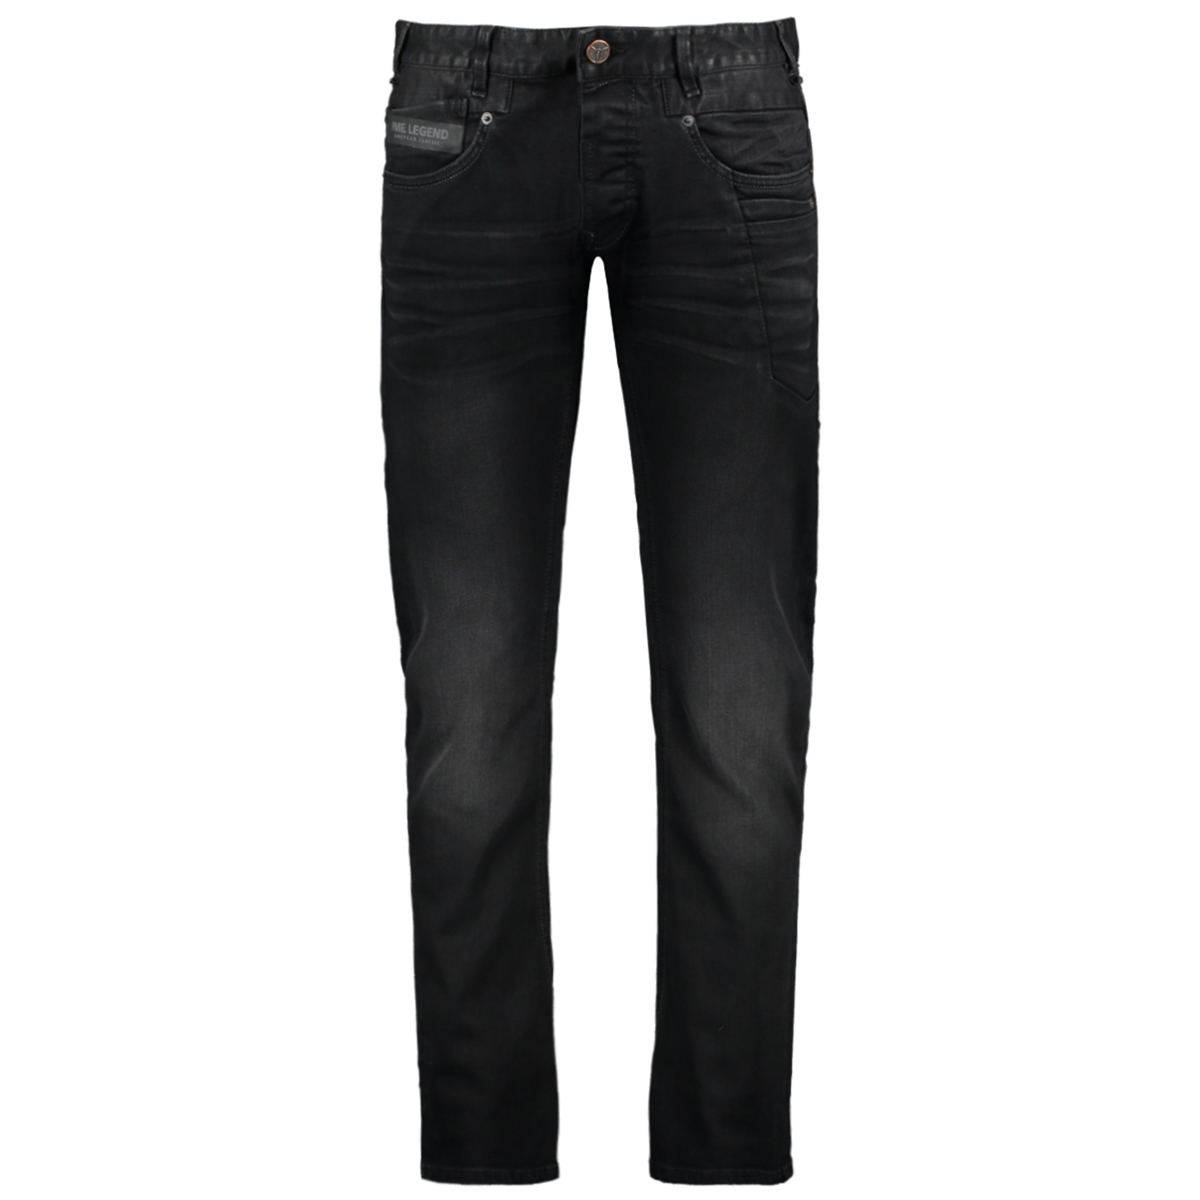 commander ptr985 jbd pme legend jeans jet black denim